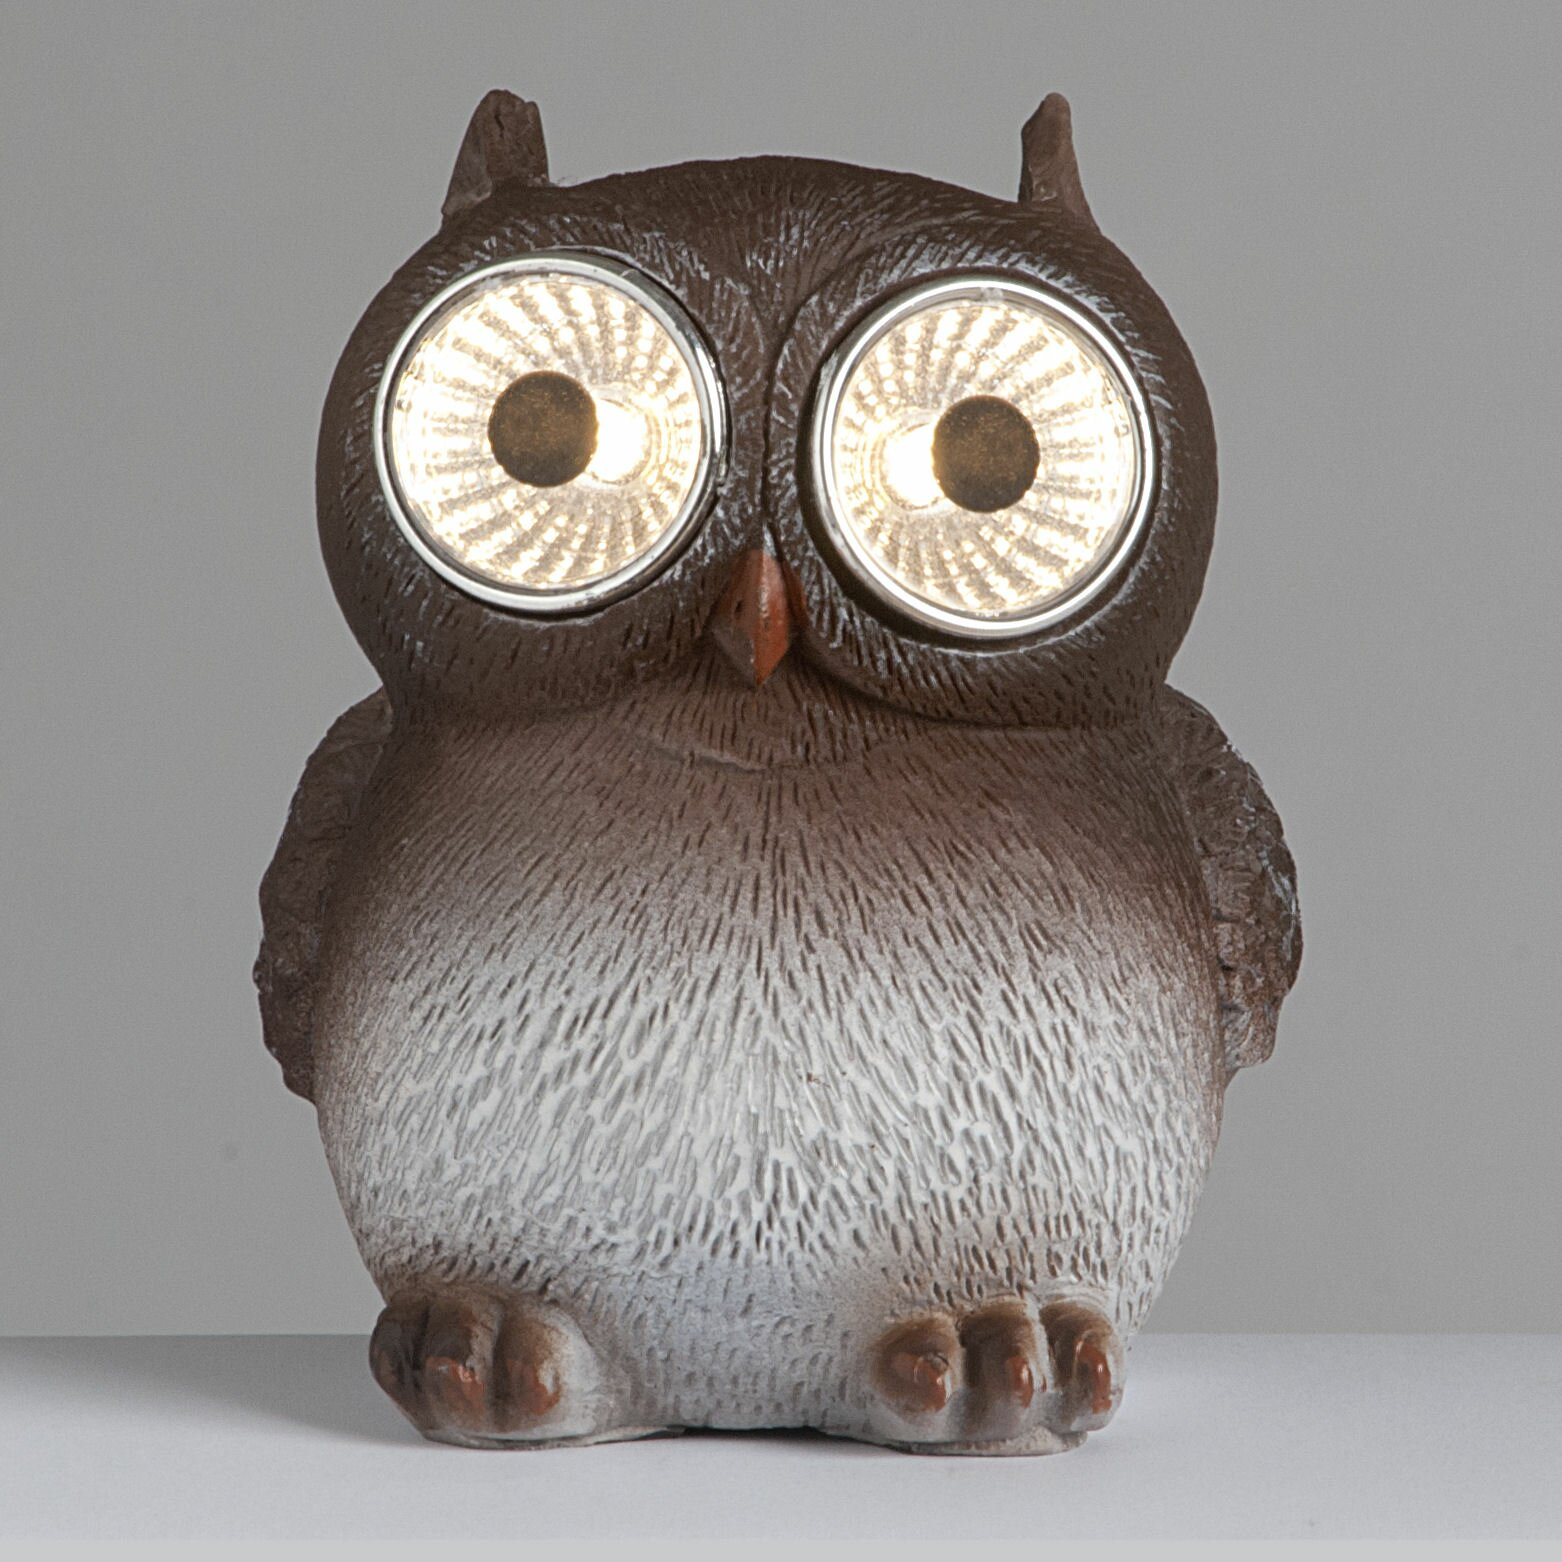 SunTime Outdoor Living Owls With Solar Eyes Garden Décor